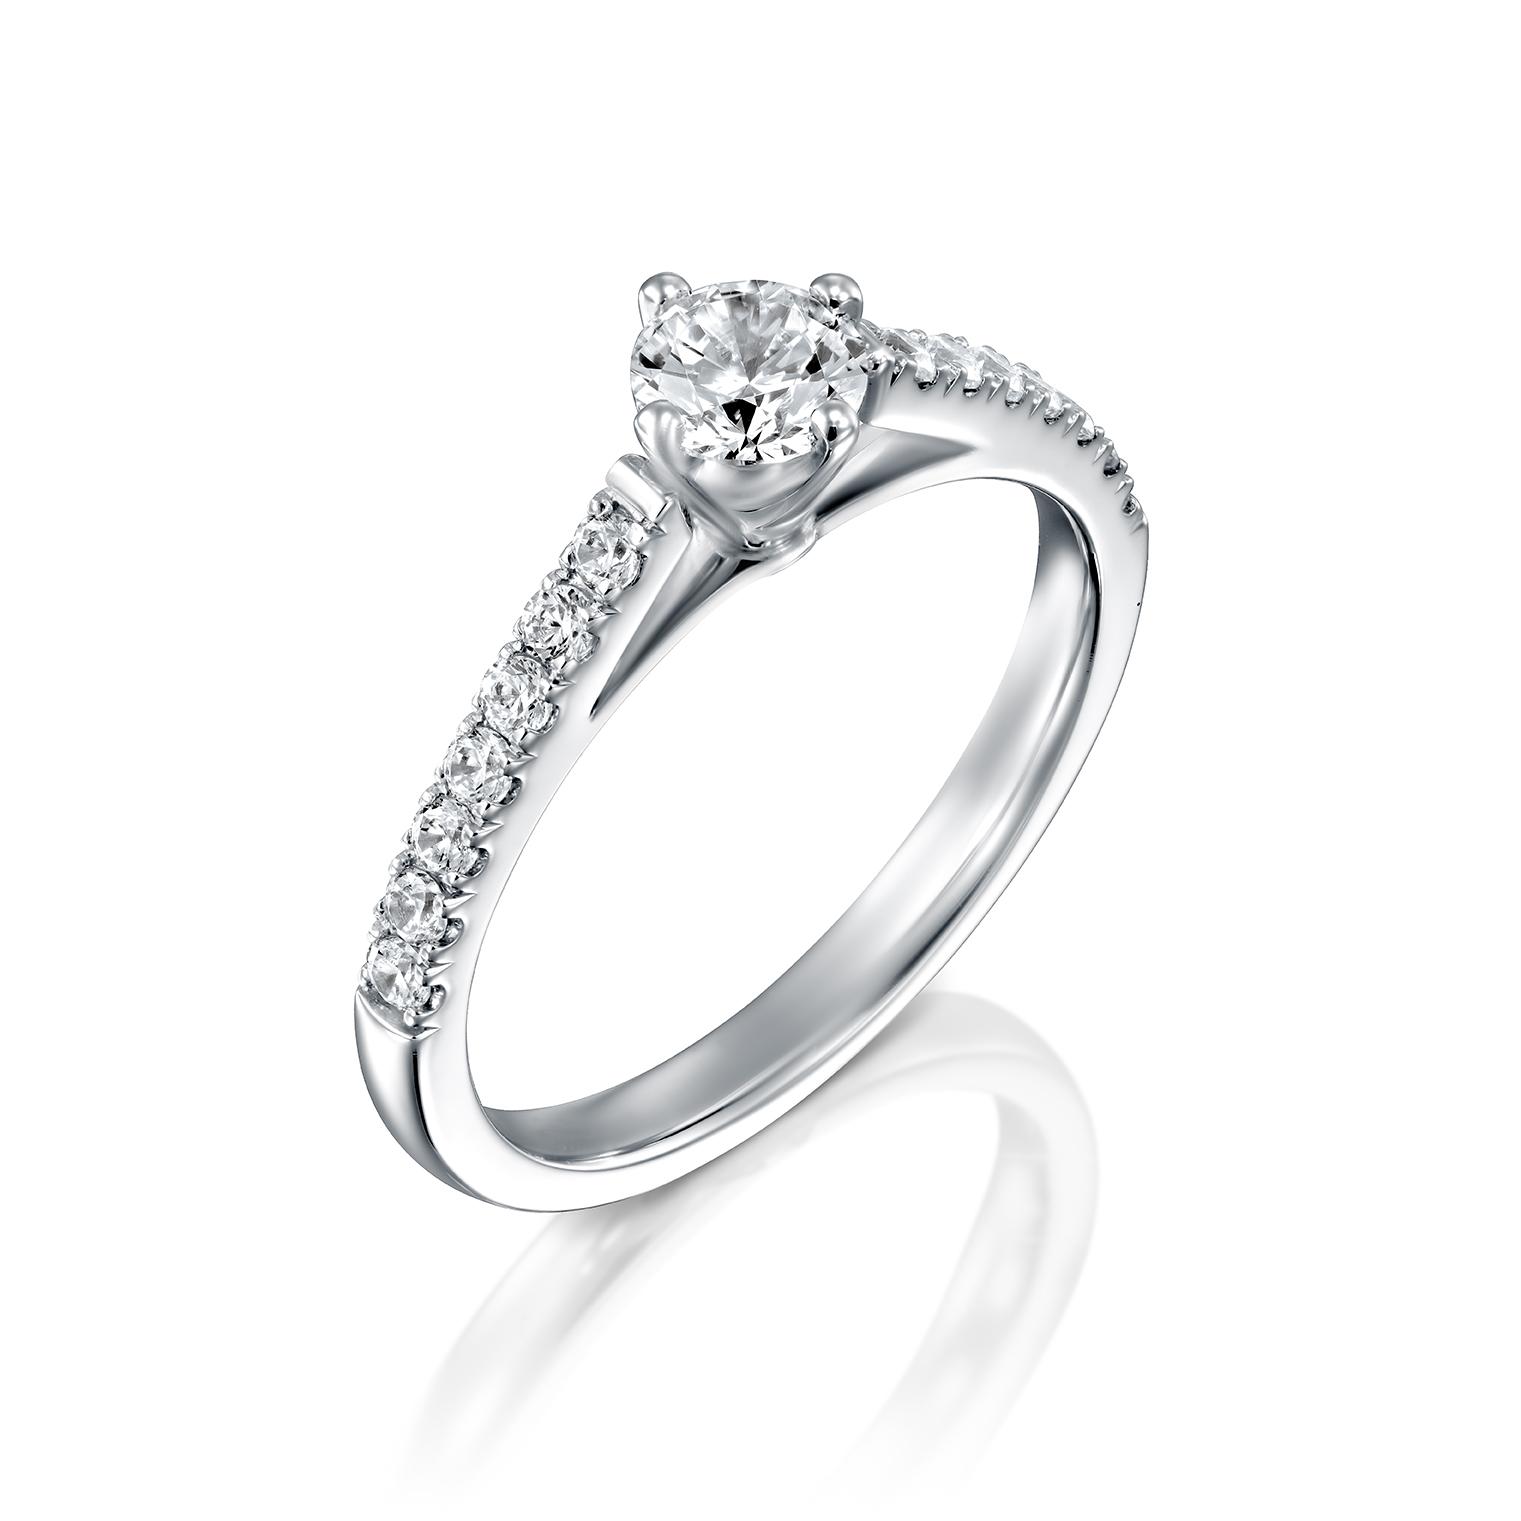 טבעת אירוסין זהב לבן 14 קראט משובצת יהלומים  TOMER